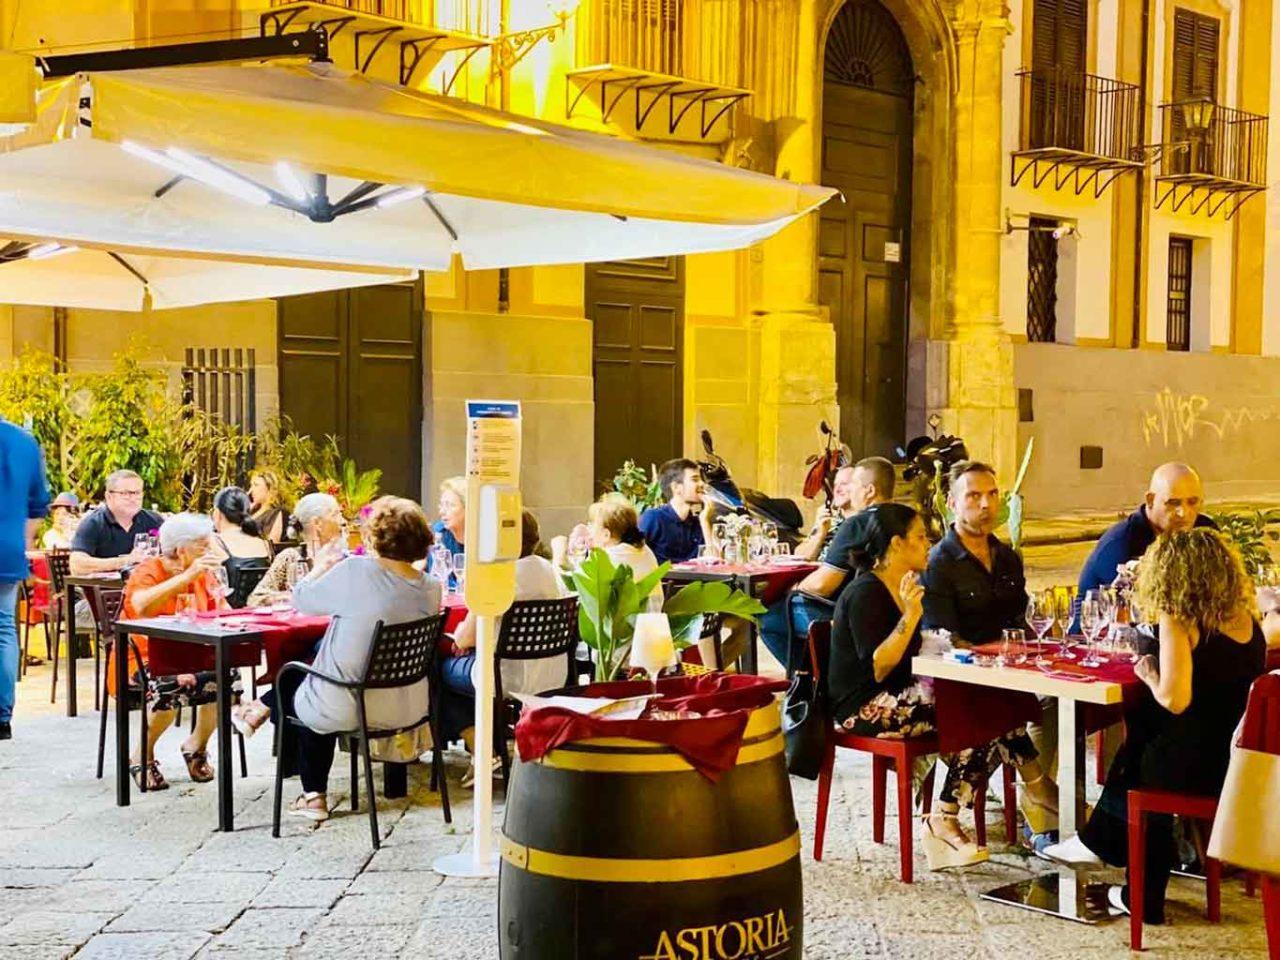 Ristoranti all'aperto a Palermo: I Cucci